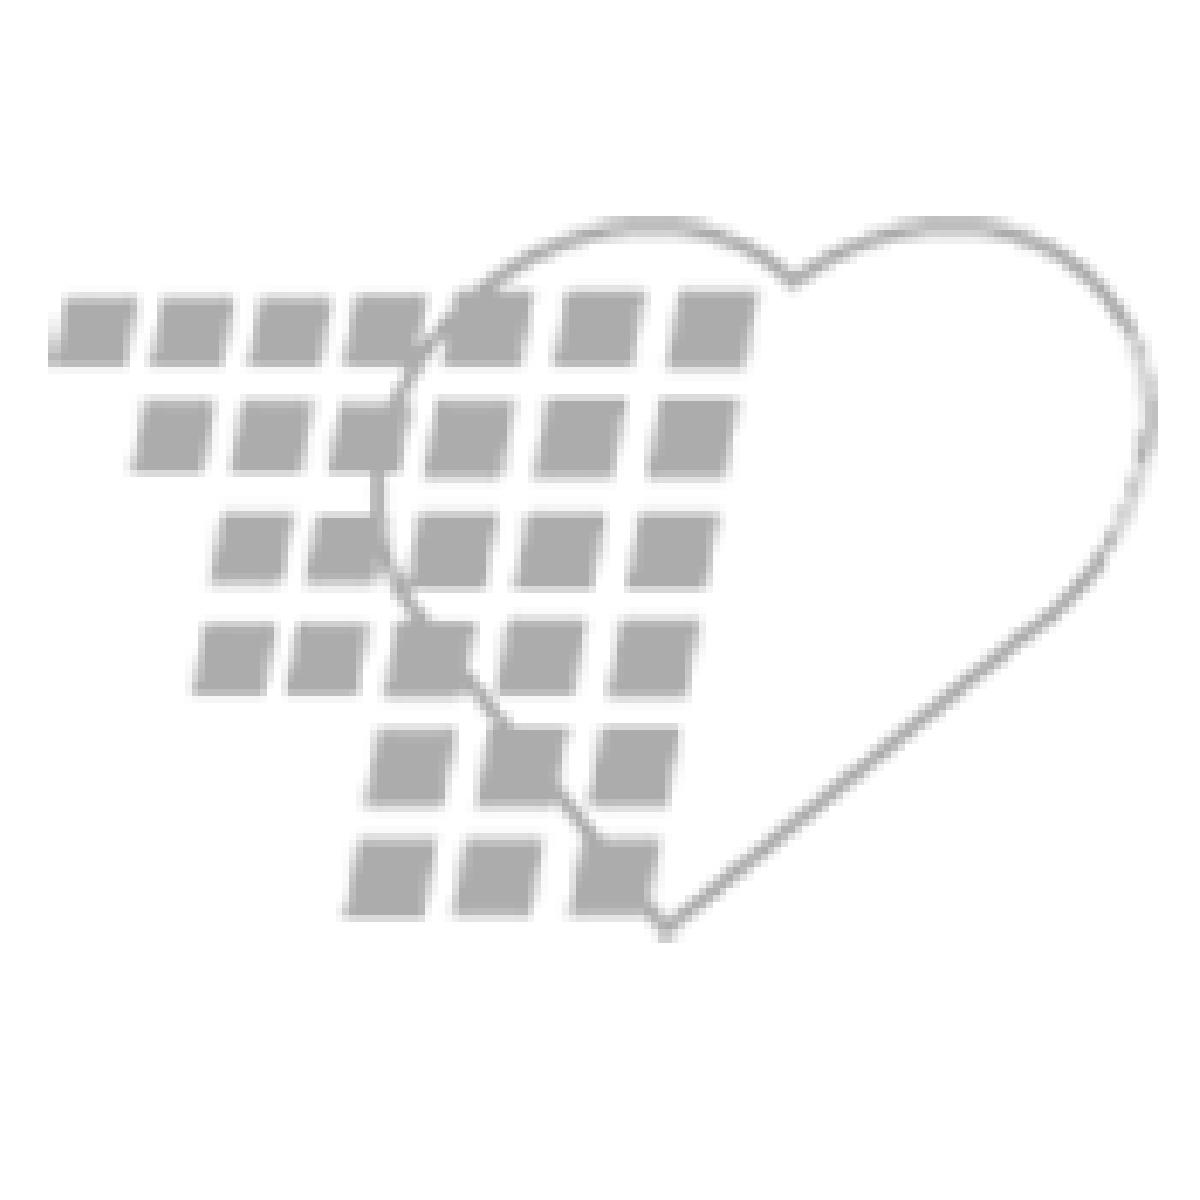 10-81-1143 Nasco Life/form® Testicular Exam Simulator